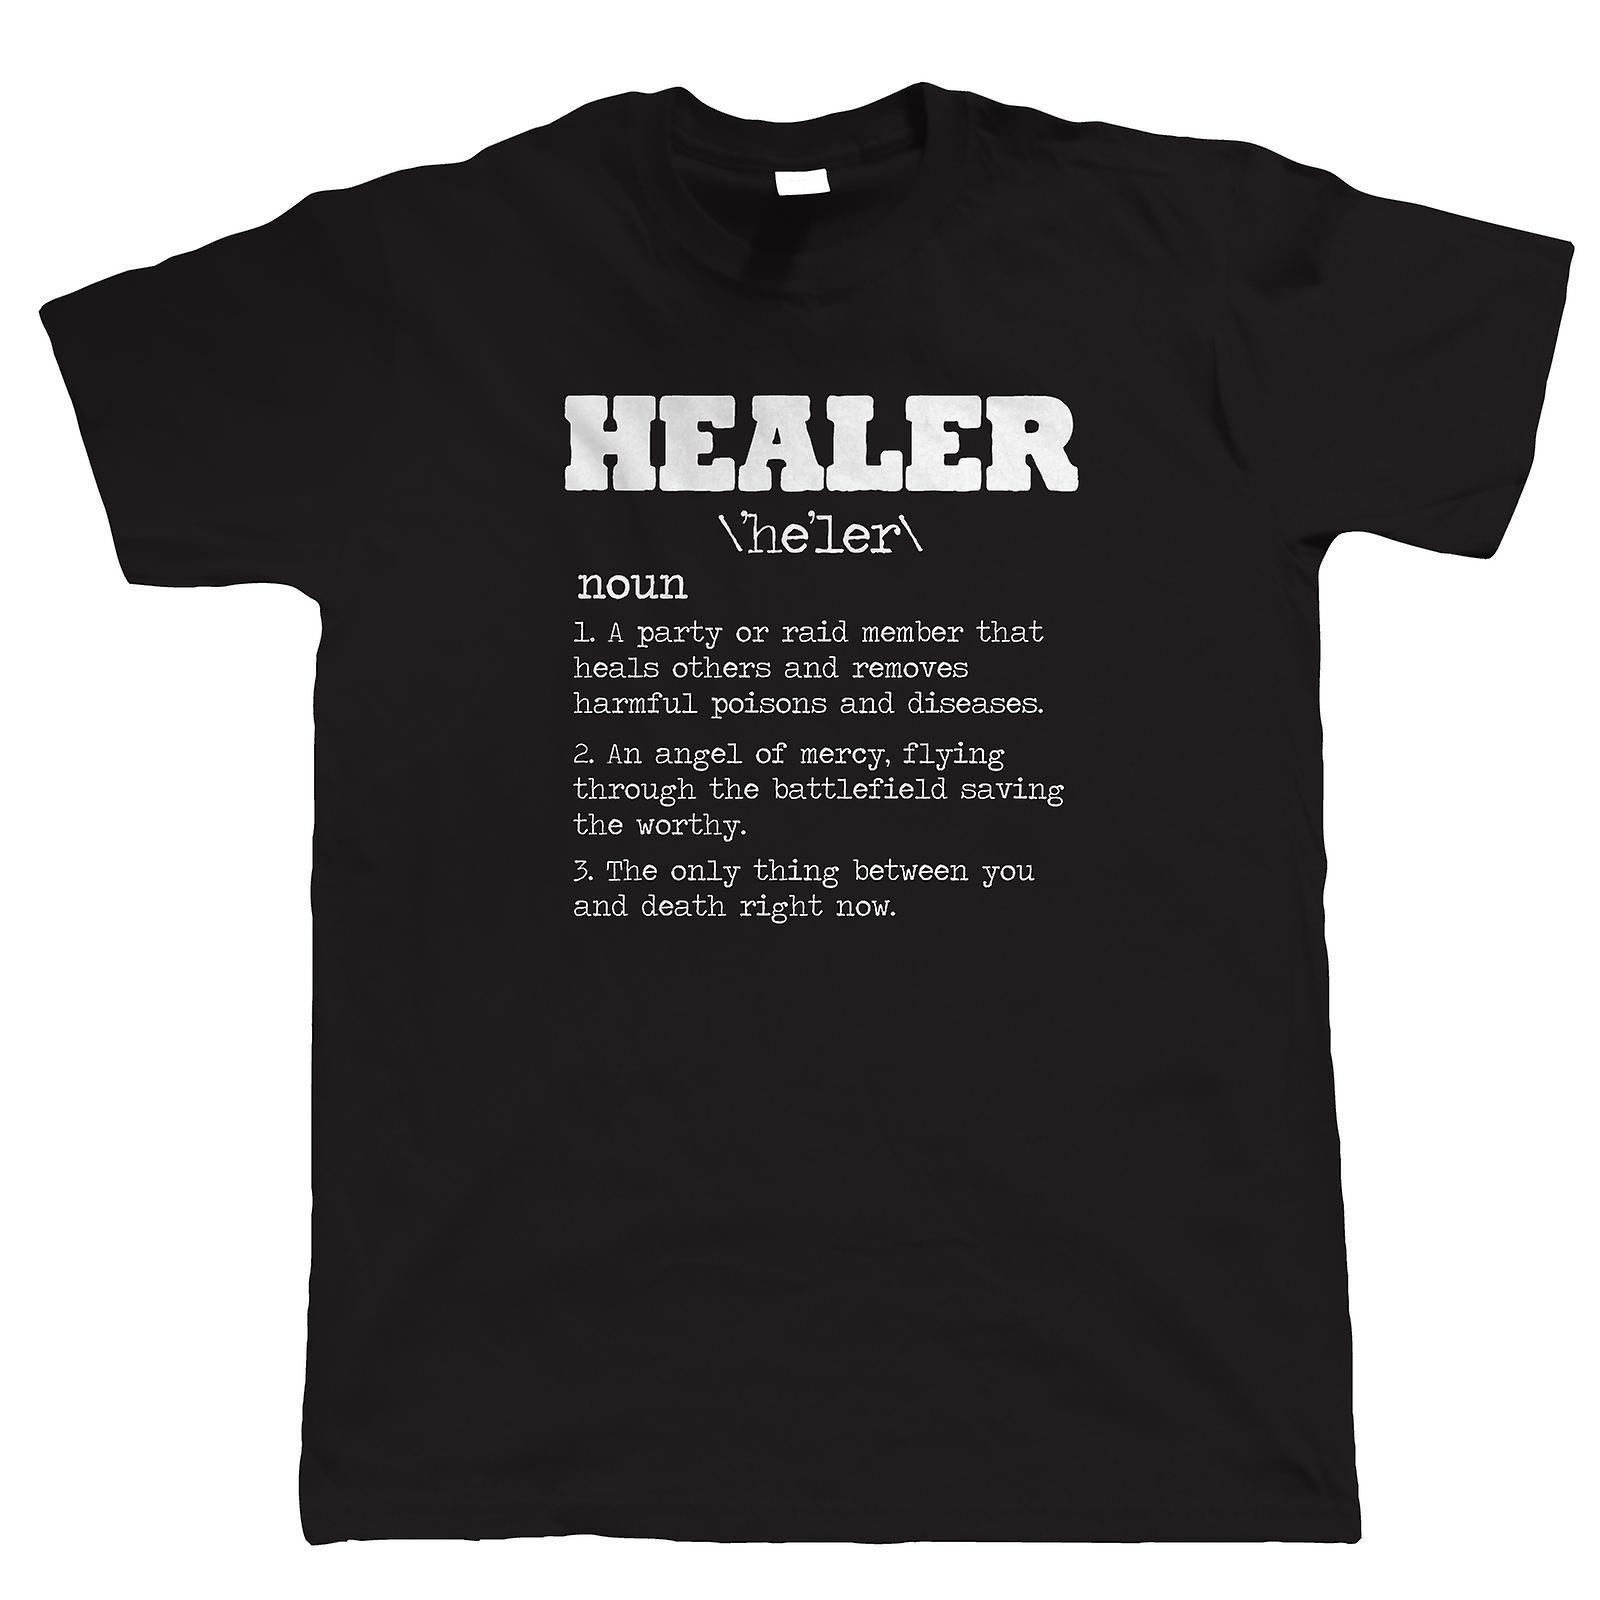 Healer, Mens Funny Gamer T-Shirt